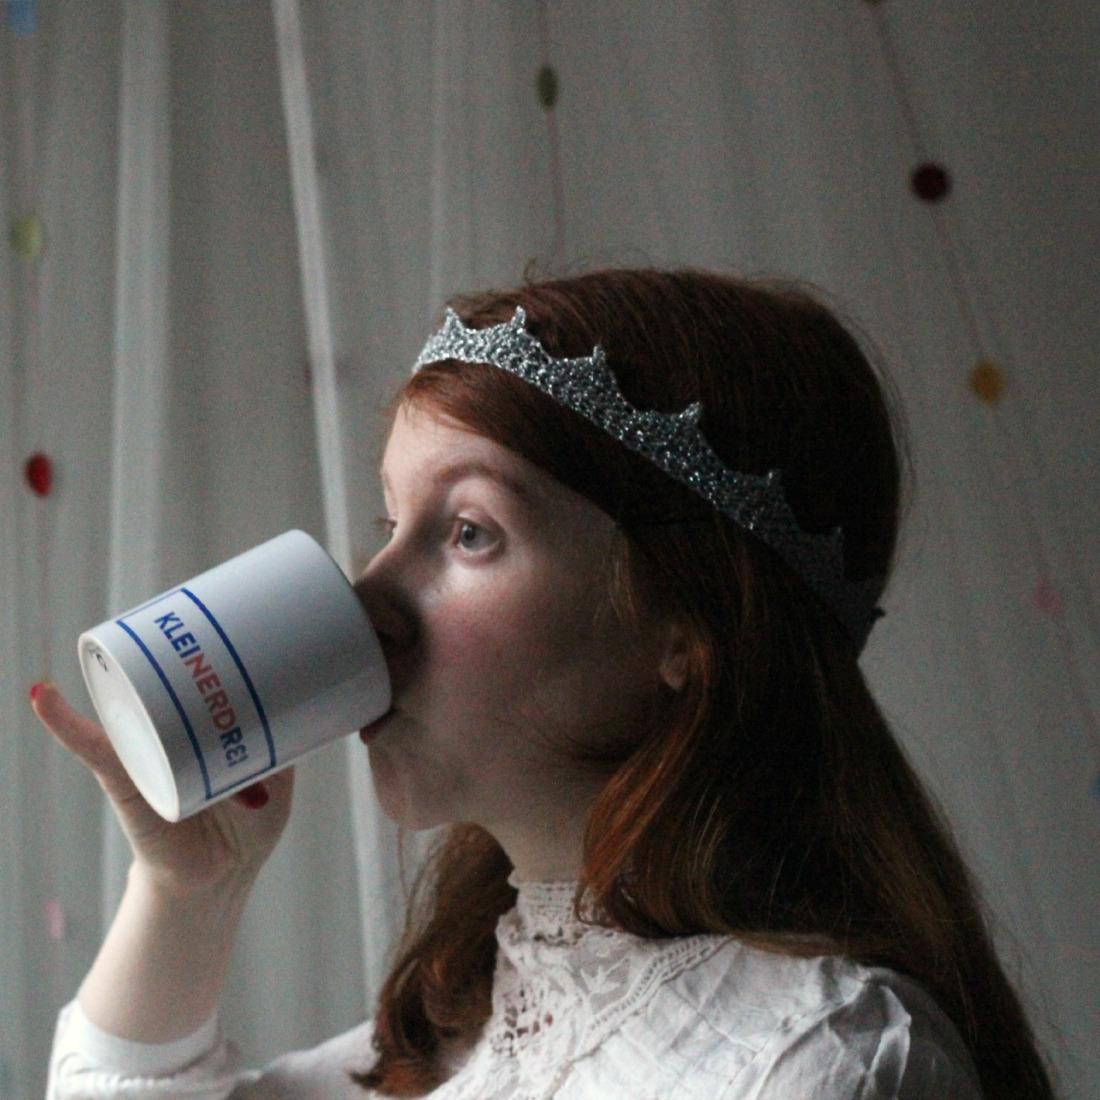 """Frau (ich) mit langen naturroten Haaren, einer kleinen silbernen Garnkrone um den Kopf und in einer Spietzenbluse. Im Hintergrund ein verschwommener Netzvorhang mit Pünktchen. Sie nippt an einer Kaffeetasse, auf der """"Kleinerdrei"""" steht, die Buchtstabenkombi """"Nerd"""" darin ist hervrogehoben. Sie guckt gelangweilt und spreizt den kleinen Finger ab."""